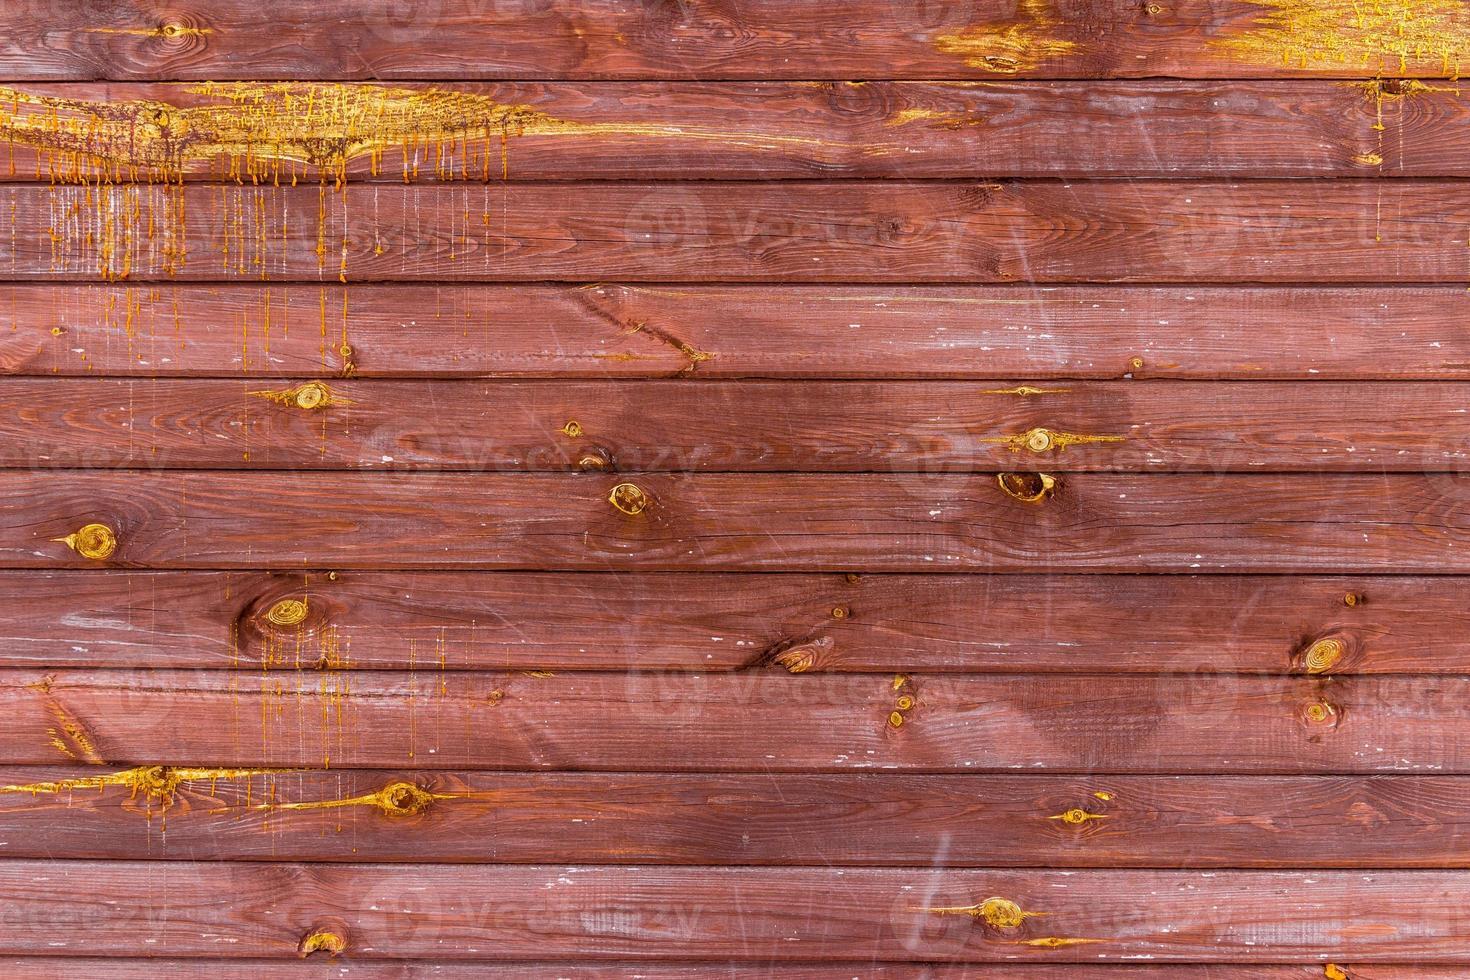 textura de madera con patrones naturales foto